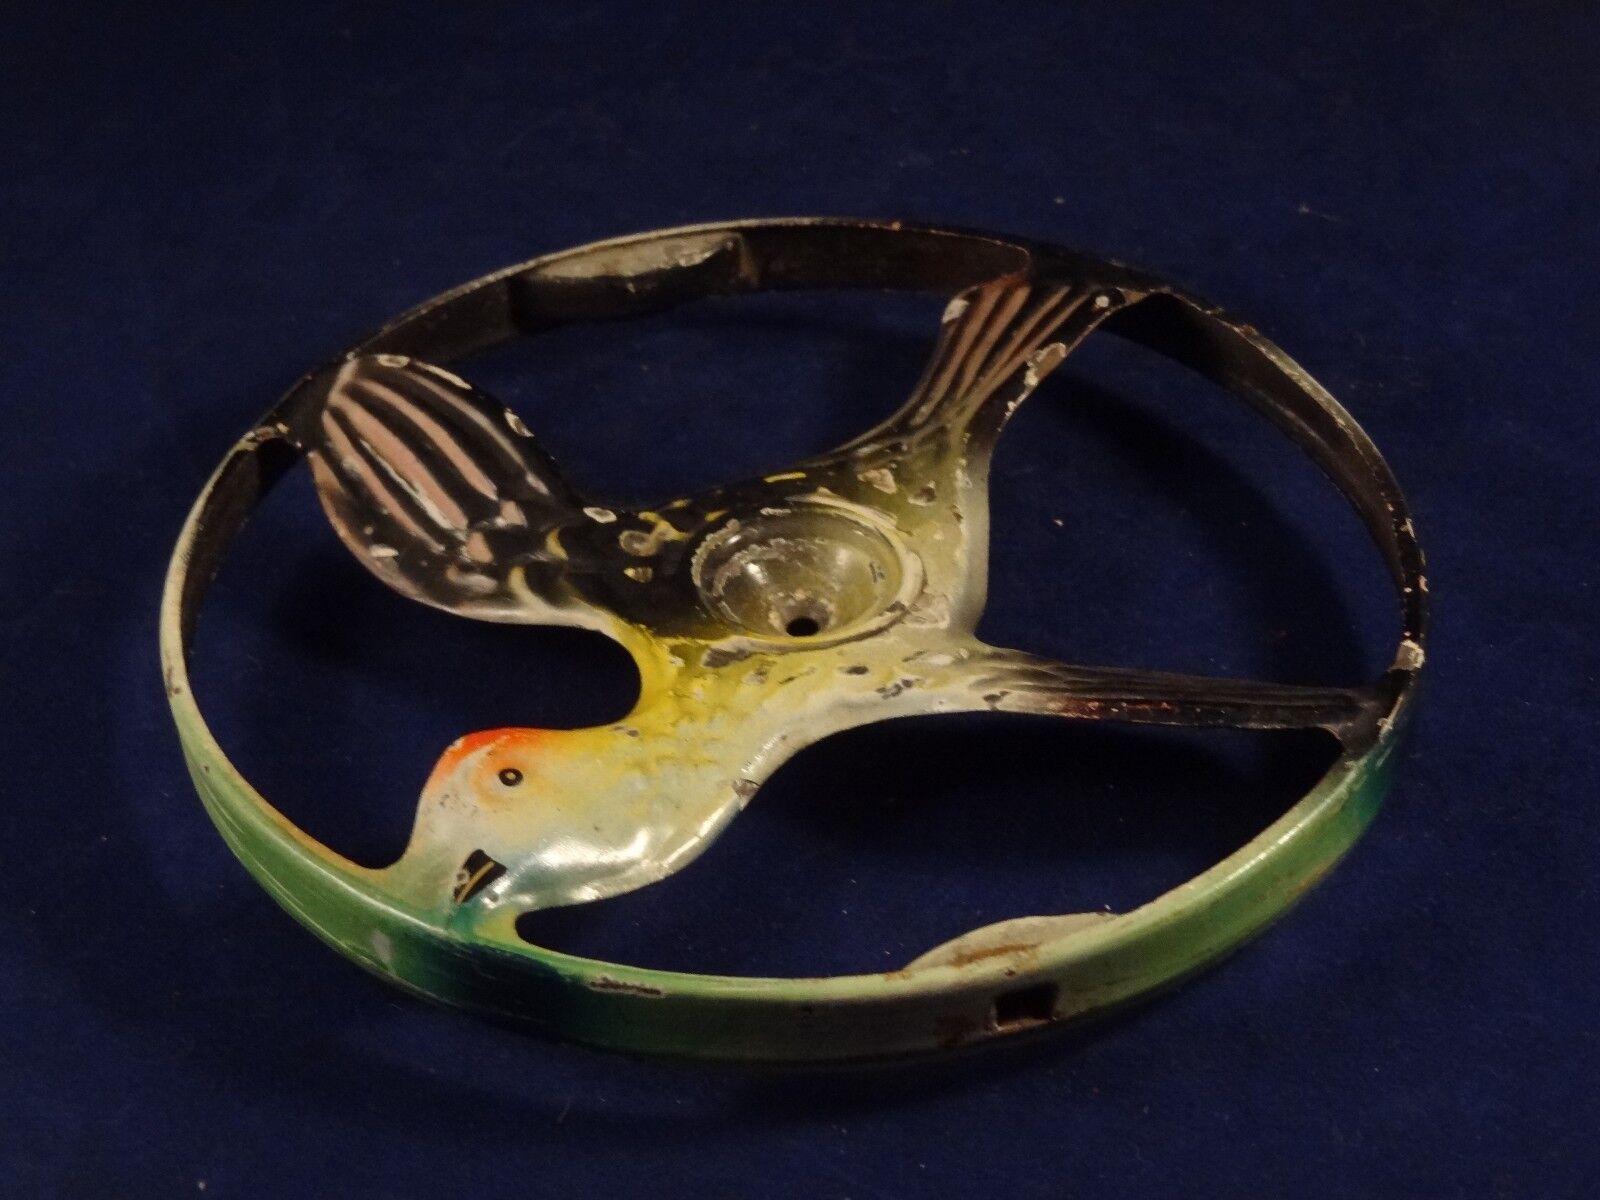 RARE ancien jouet deux toupies tôle oiseau oiseau oiseau hélice MÄRKLIN 1910/20 style jep 3e54a2